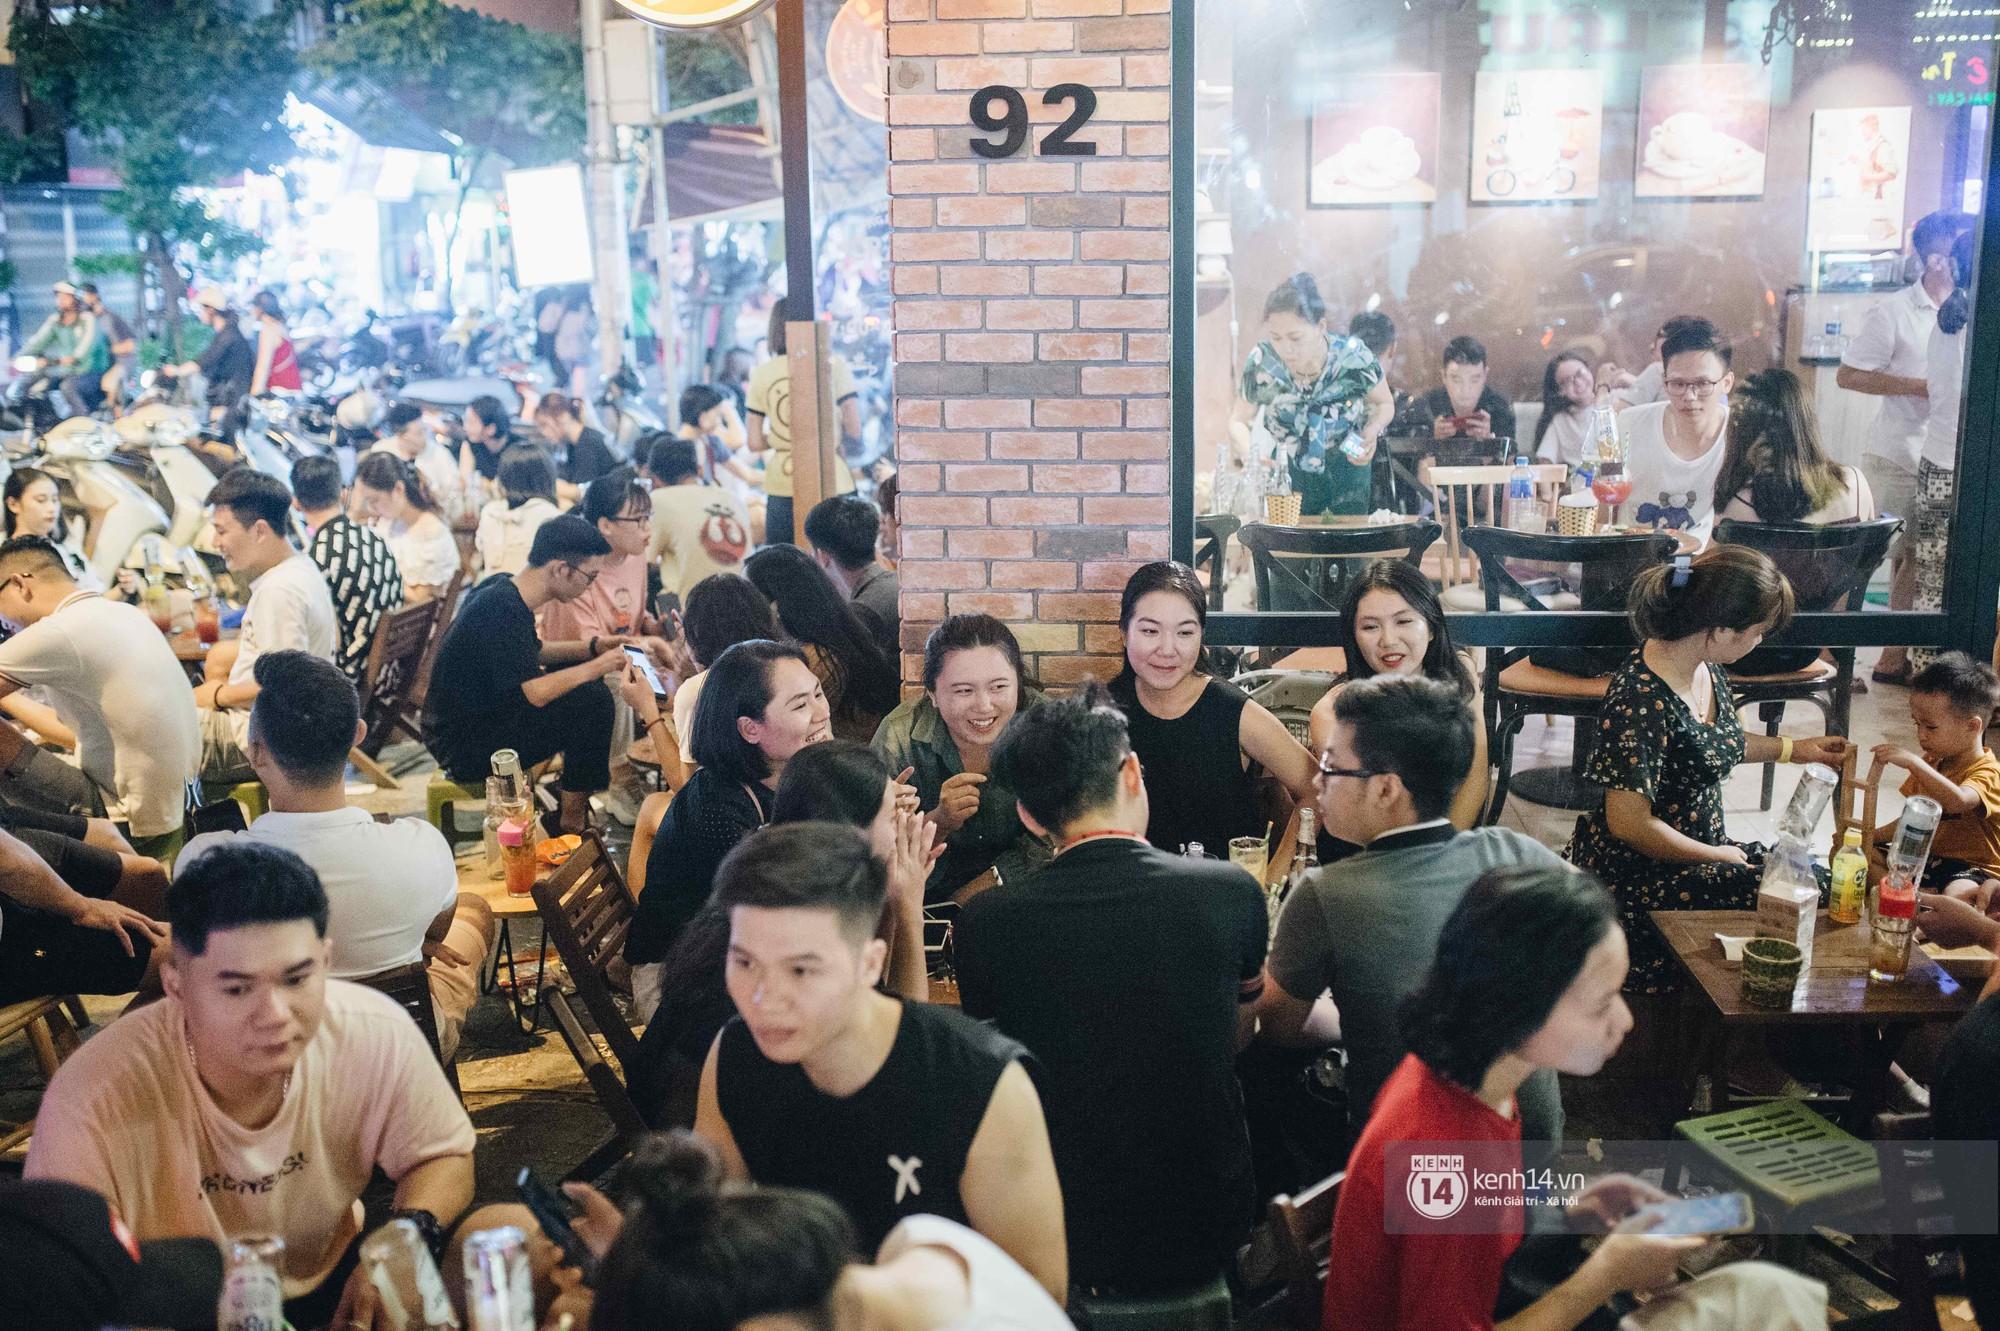 VZN News: Giới trẻ Hà Nội đổ xô đi thử bia úp ngược: chật kín chỗ, nhiều khách phải ngậm ngùi đi về - Ảnh 4.